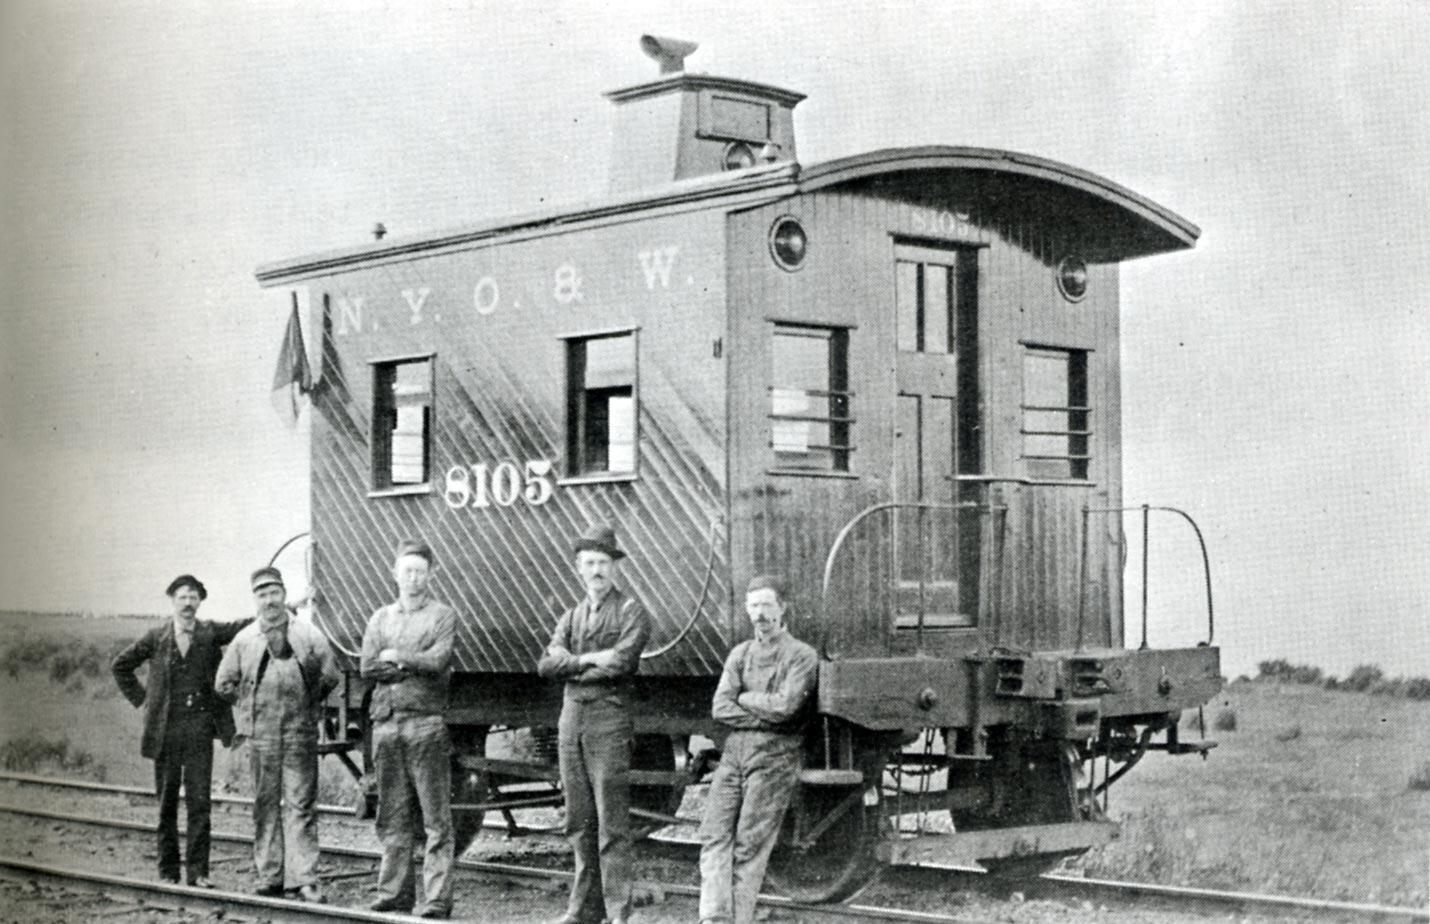 The Railroad Caboose